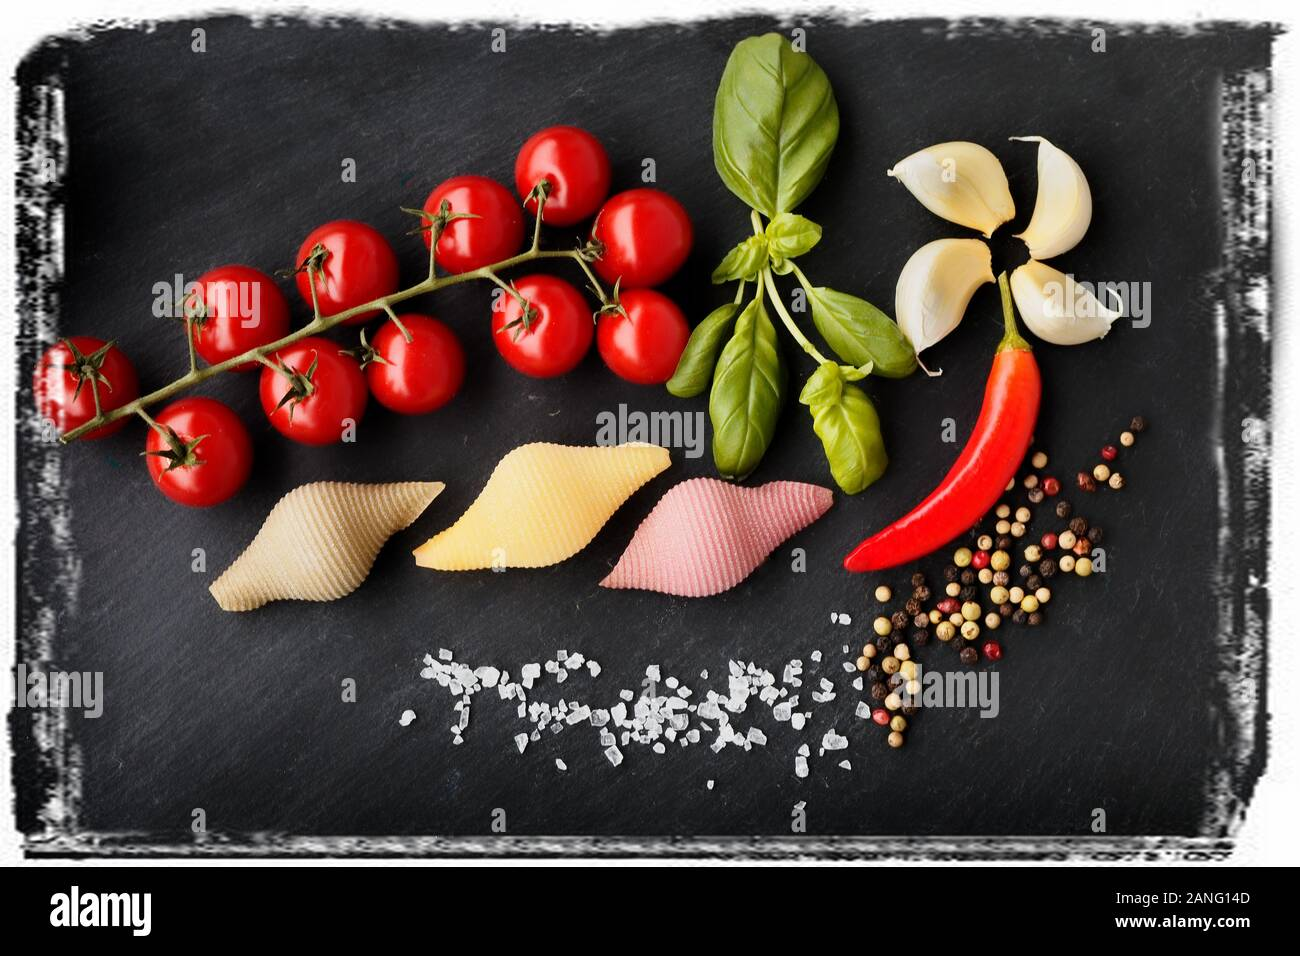 Pâtes à base de légumes ingrédients sur une pierre noire pour un plat de pâtes italien Banque D'Images